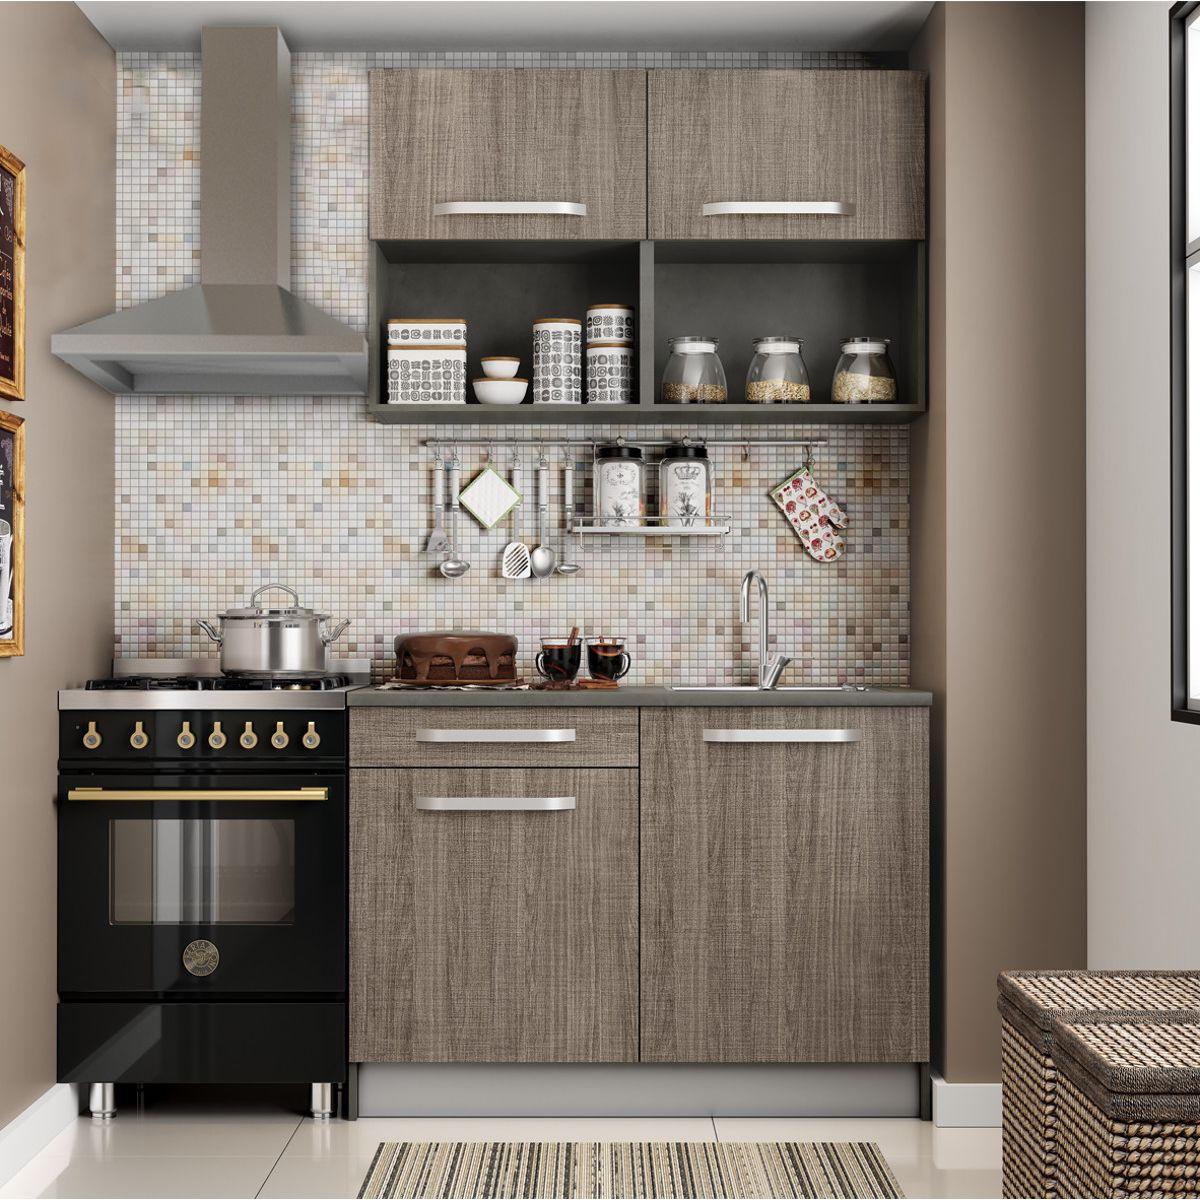 Moduli Per Cucine Componibili. Fabbrica Cucine Moderne Fabbrica ...